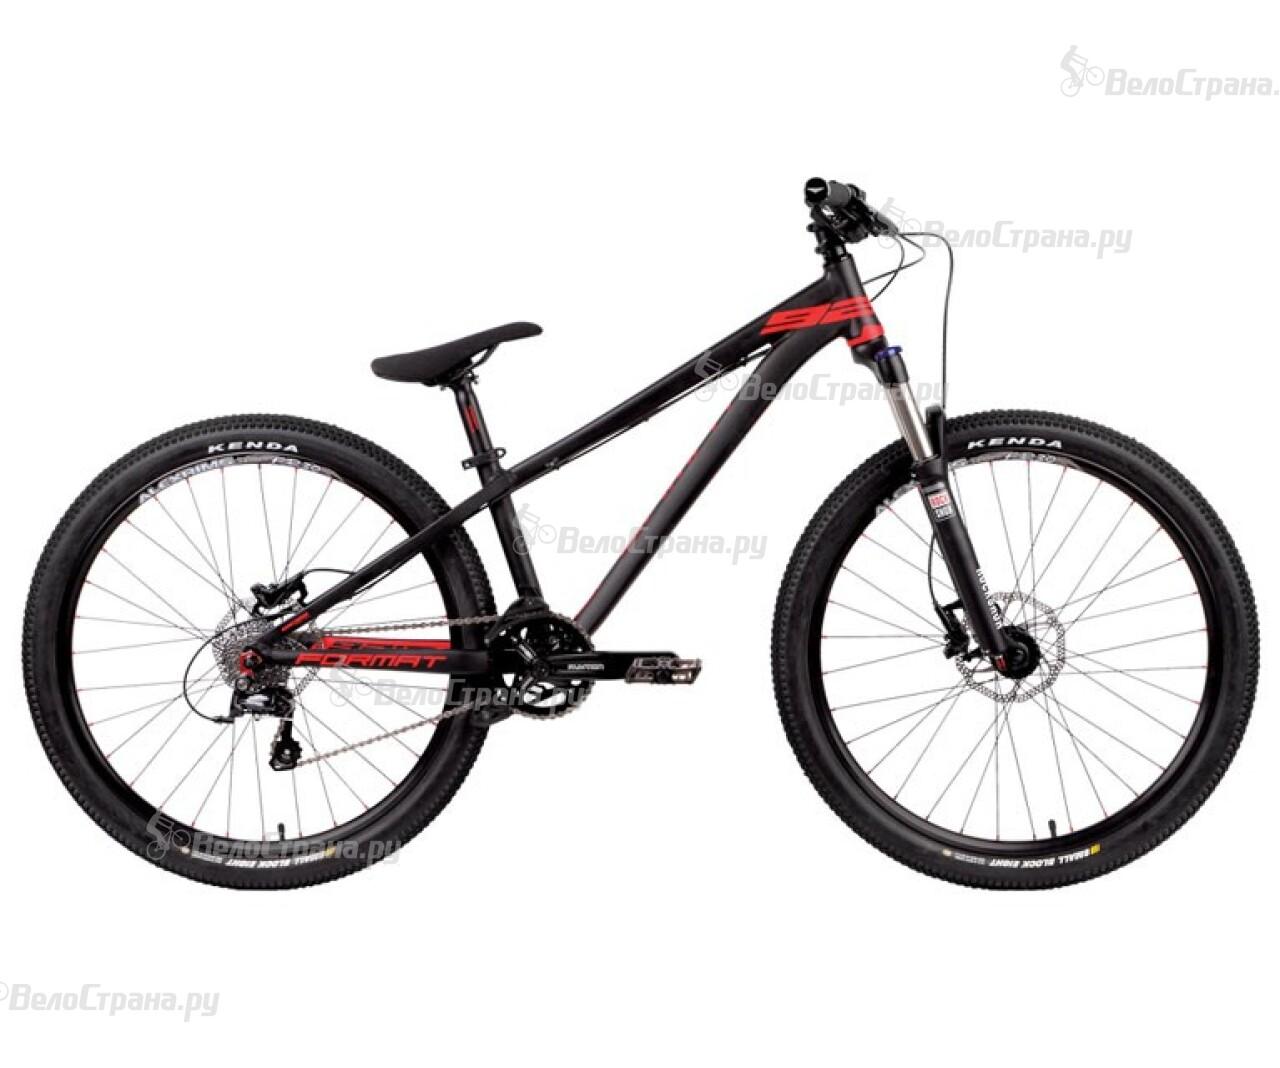 Велосипед Format 9212 (2014) велосипед format 1212 2014